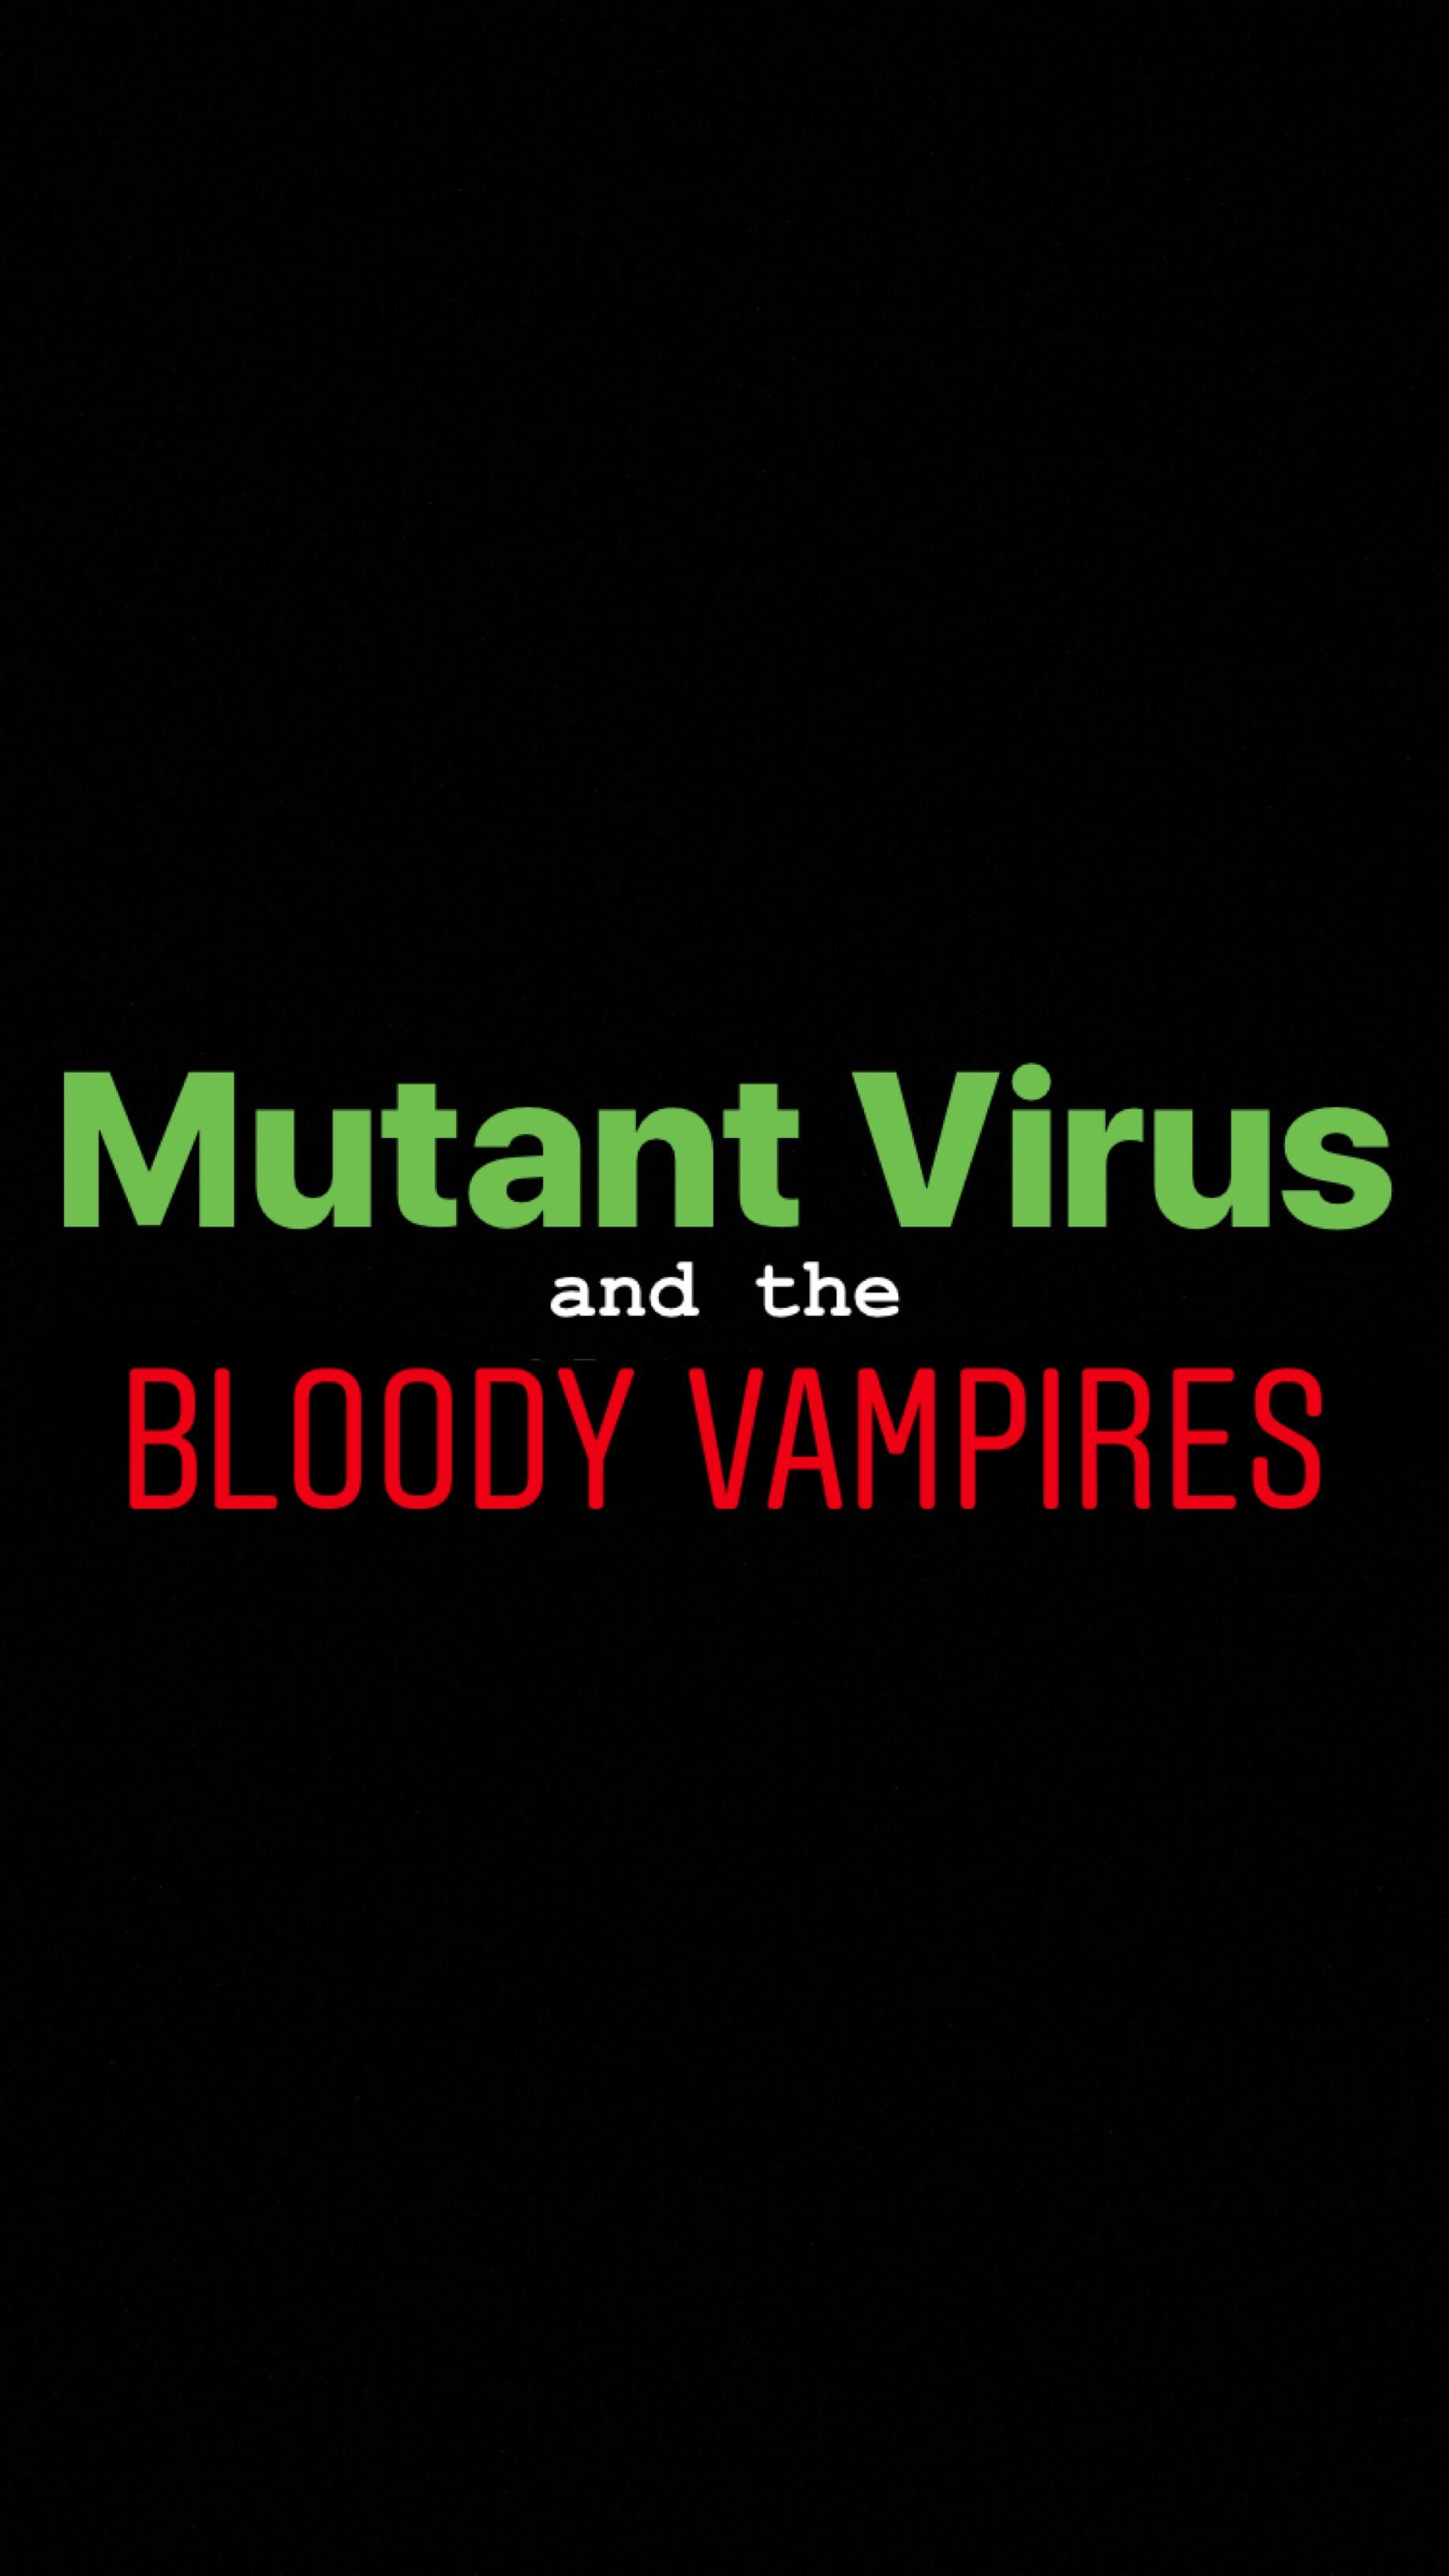 Mutant Virus and the Bloody Vampires